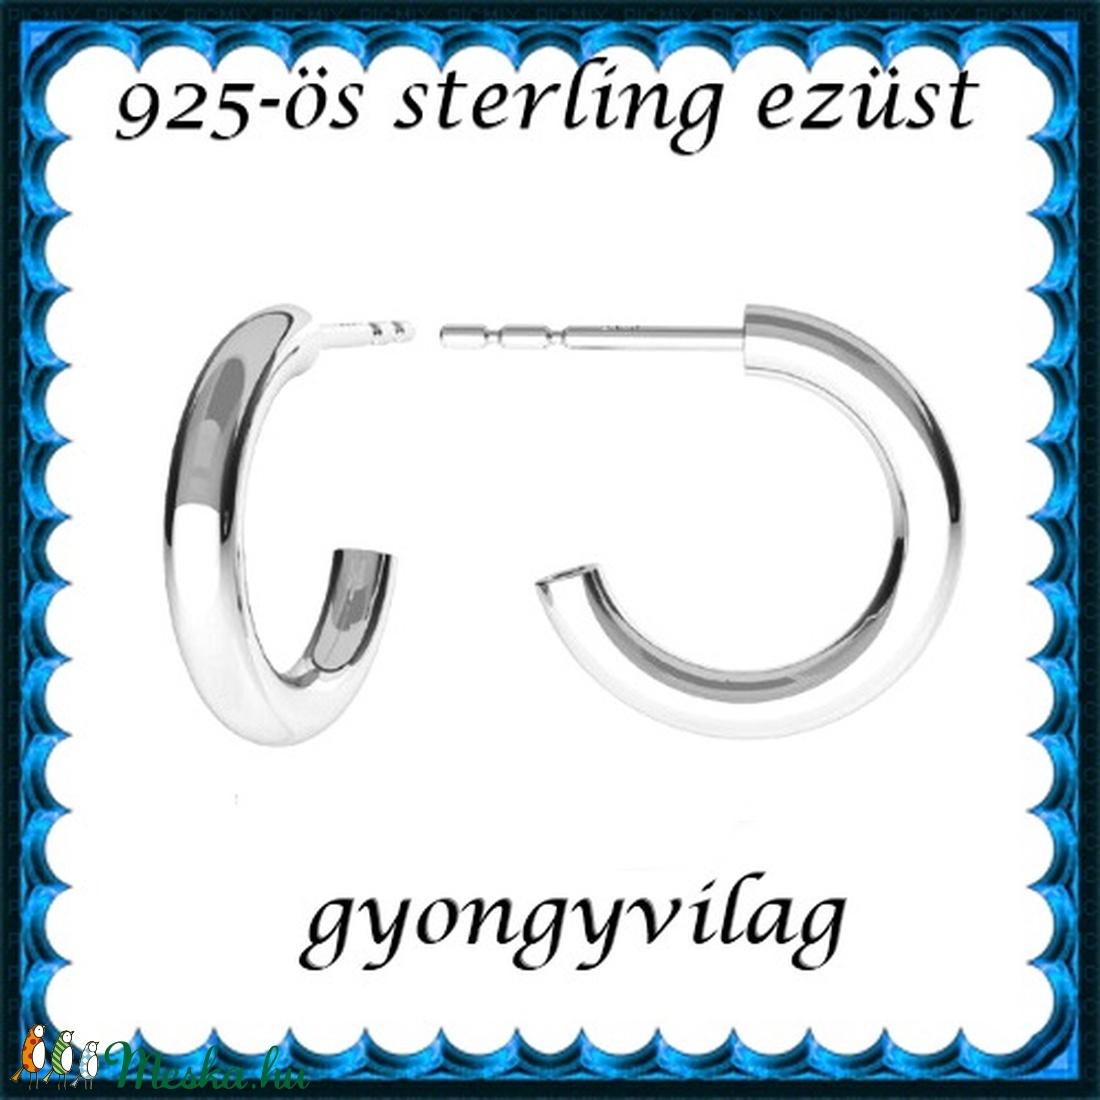 925-ös sterling ezüst: fülbevaló  EF 13 - ékszer - fülbevaló - lógó fülbevaló - Meska.hu